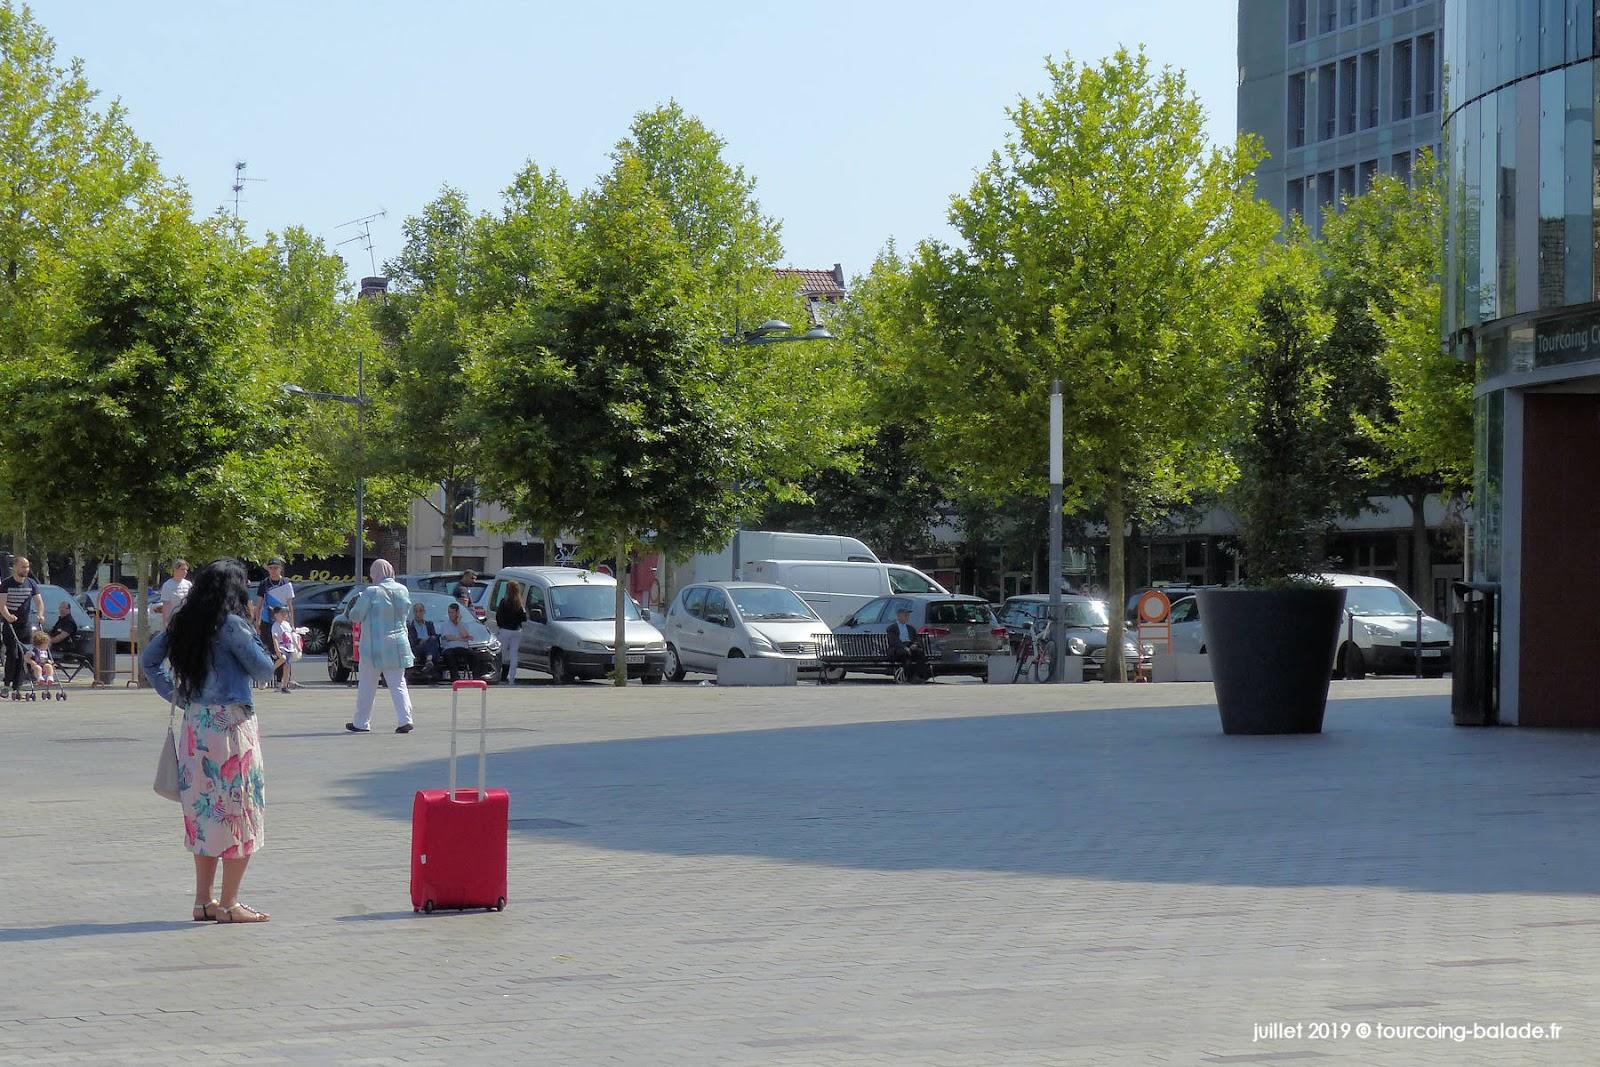 Arbres en ville - Place de la Résistance, Tourcoing 2019